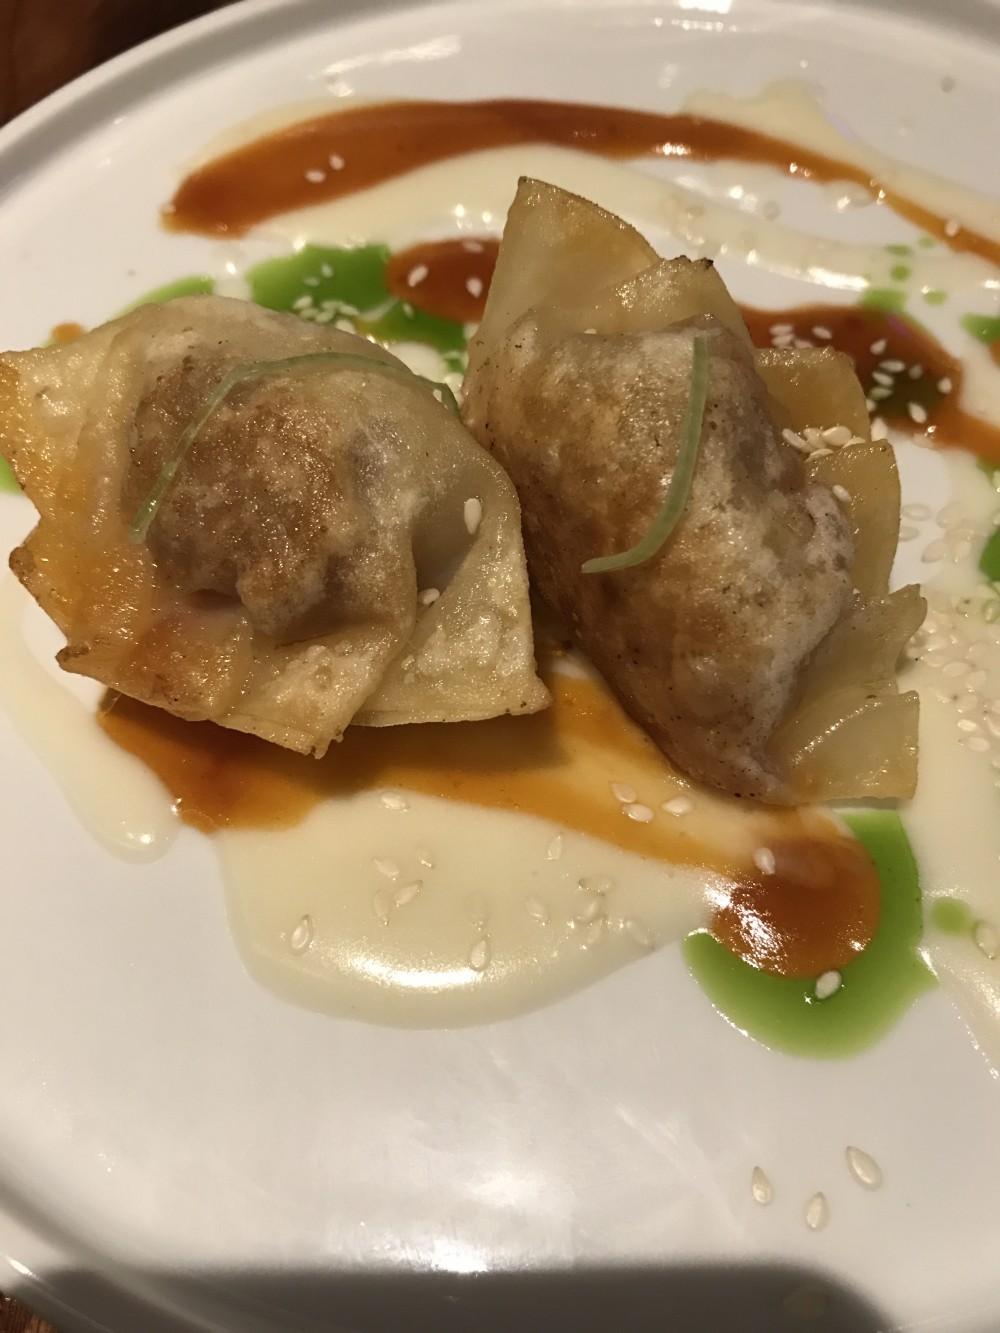 Asiatique, Gyoza di anatra e foie gras-ravioli alla piastra con fonduta al parmigiano 36 mesi